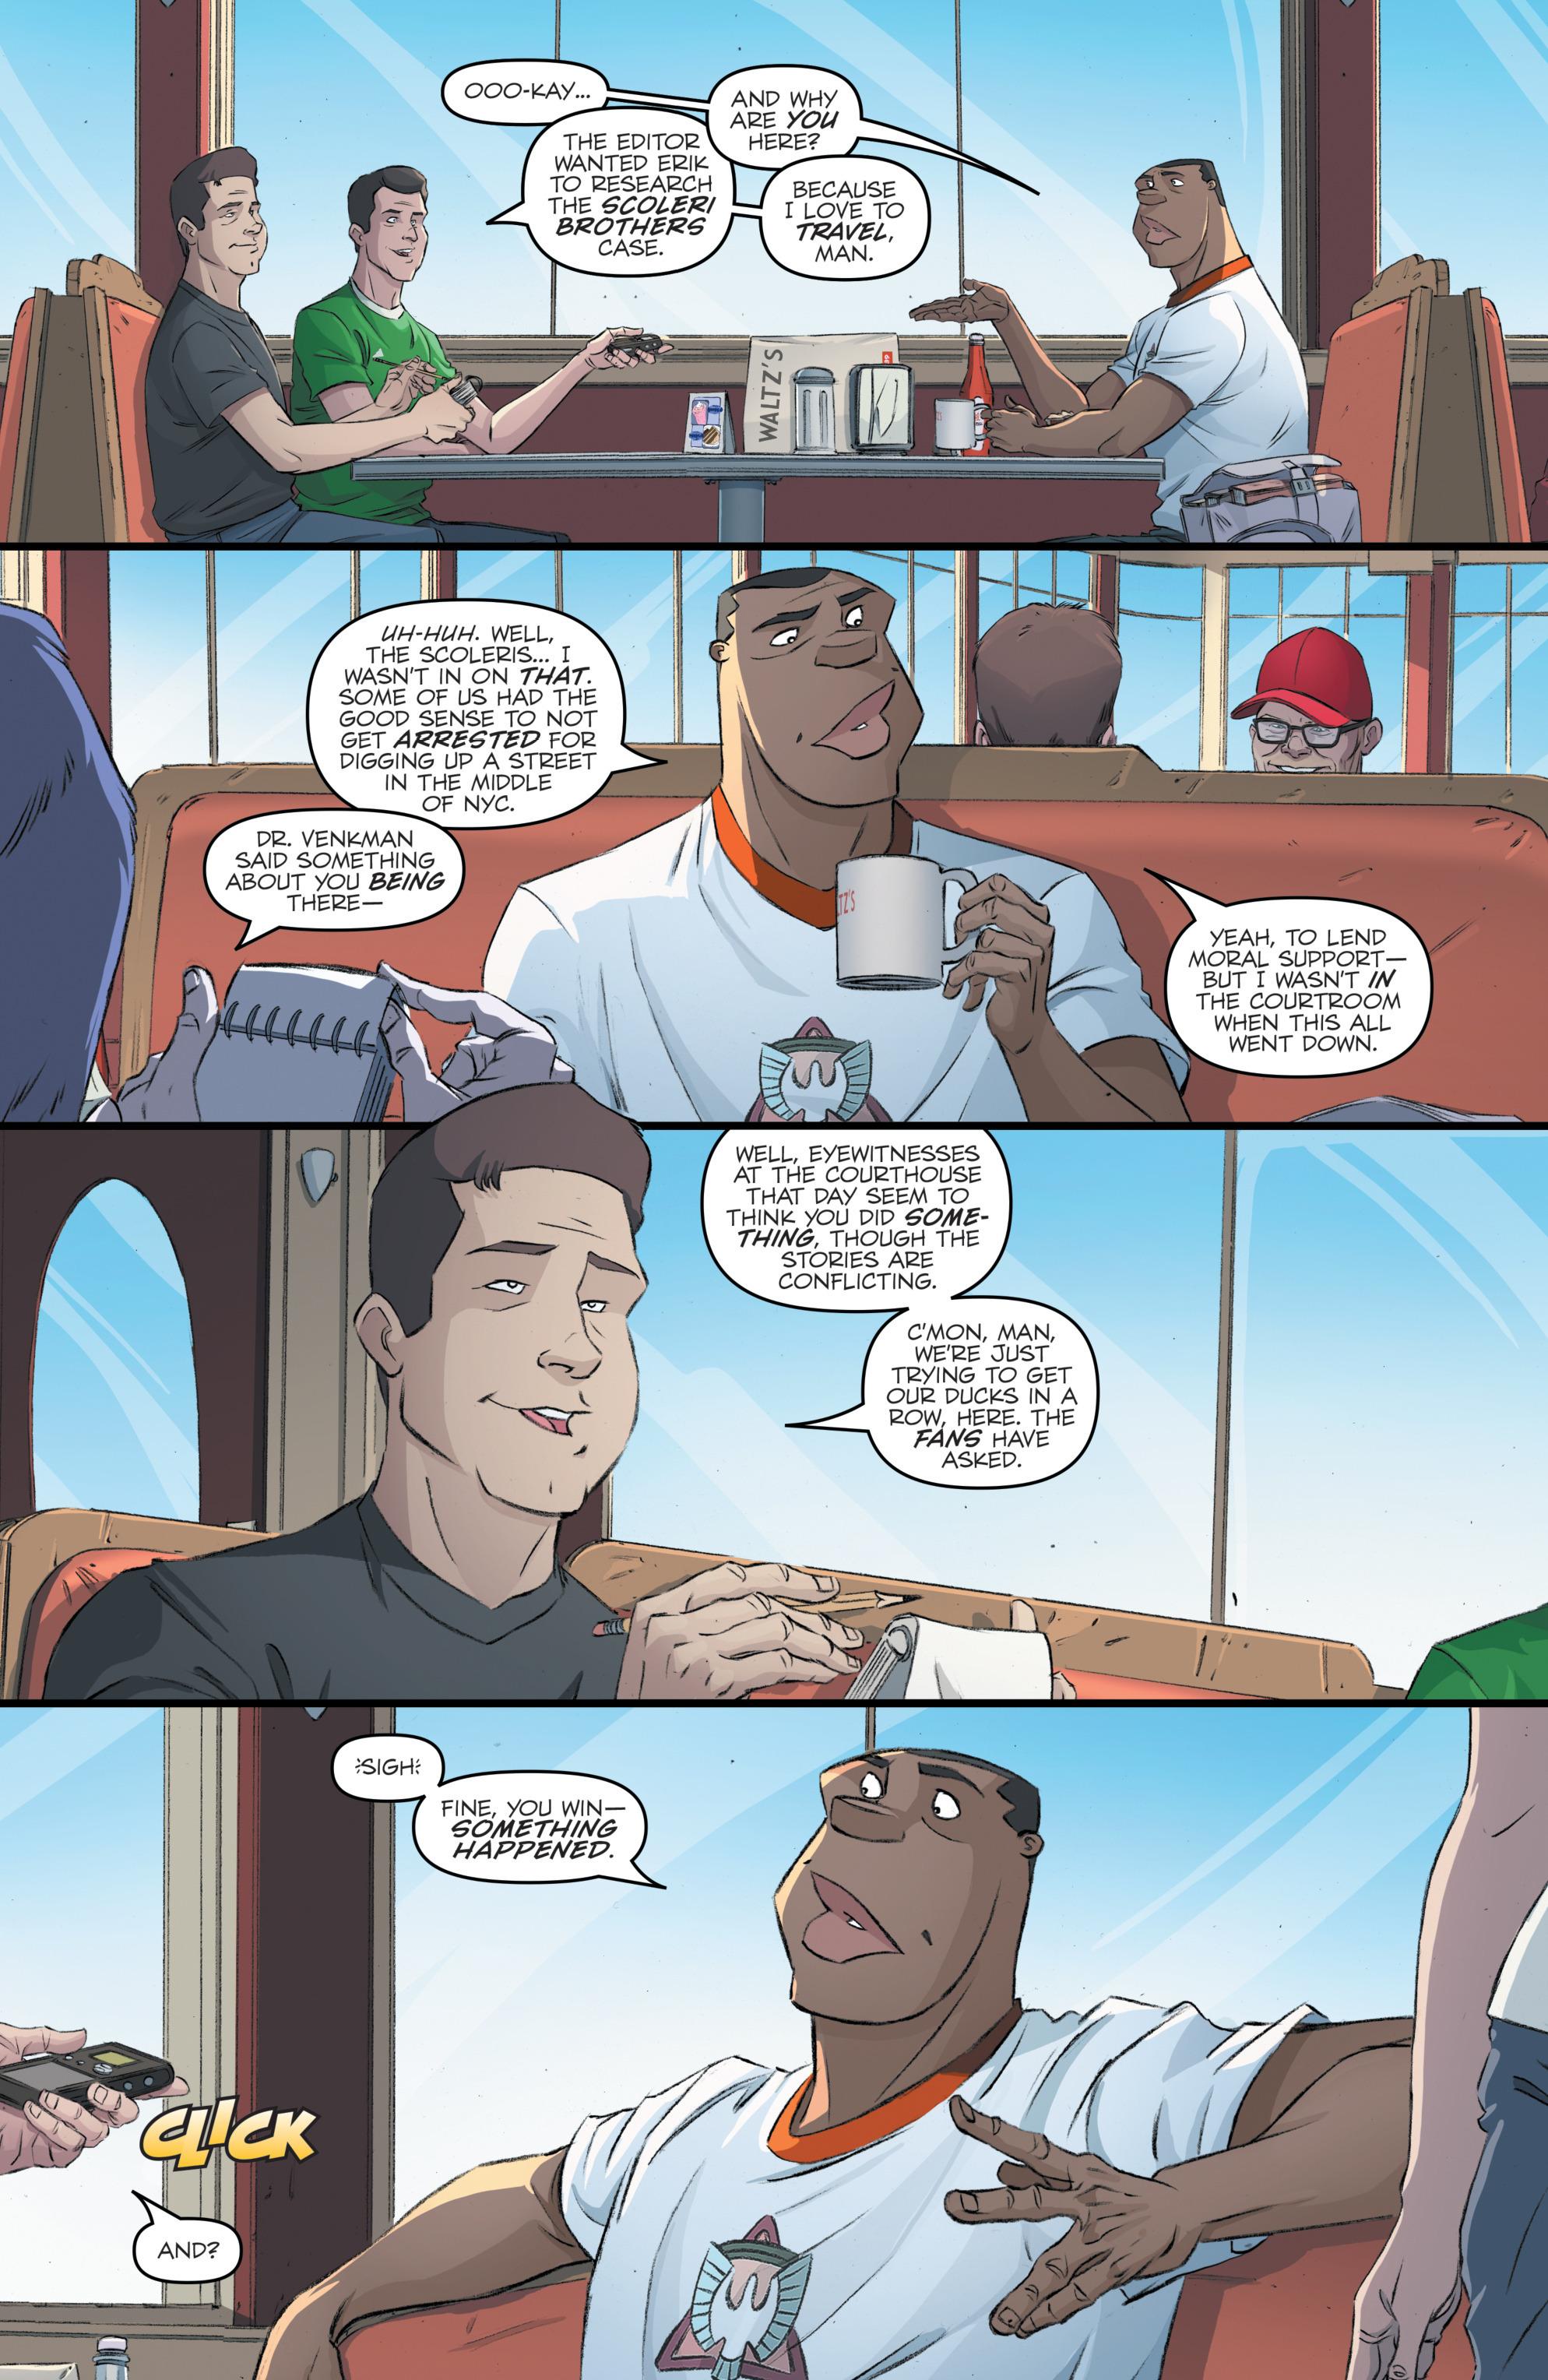 Read online Batman/Teenage Mutant Ninja Turtles Adventure comic -  Issue #4 - 26